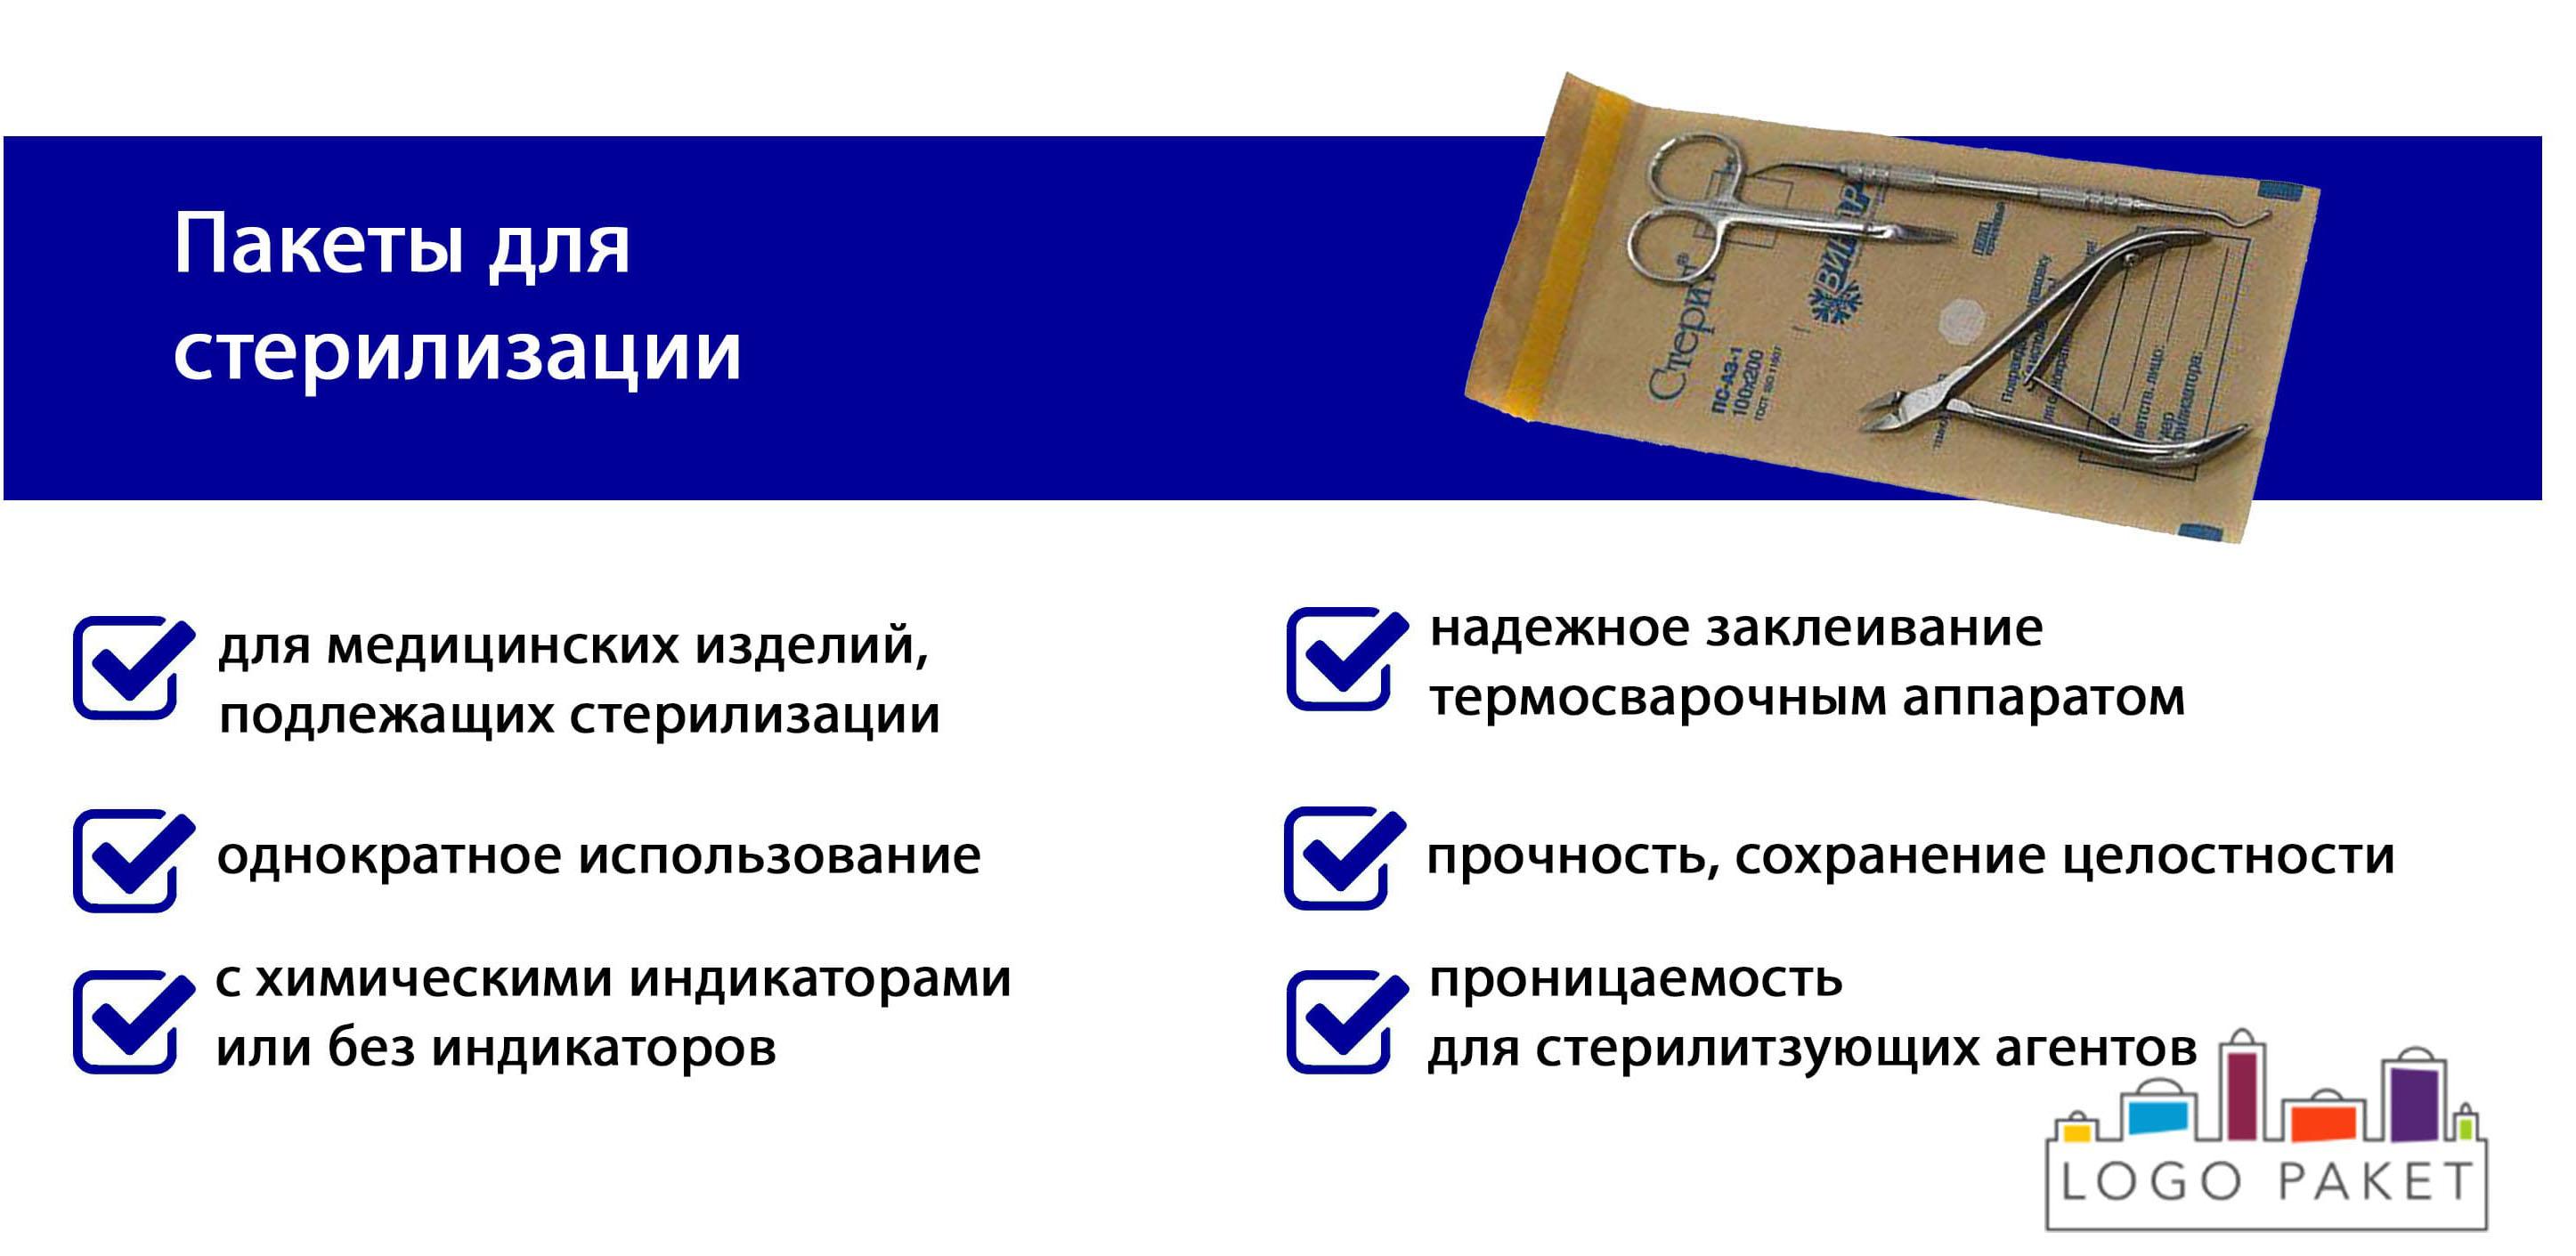 Пакеты для стерилизации инфографика